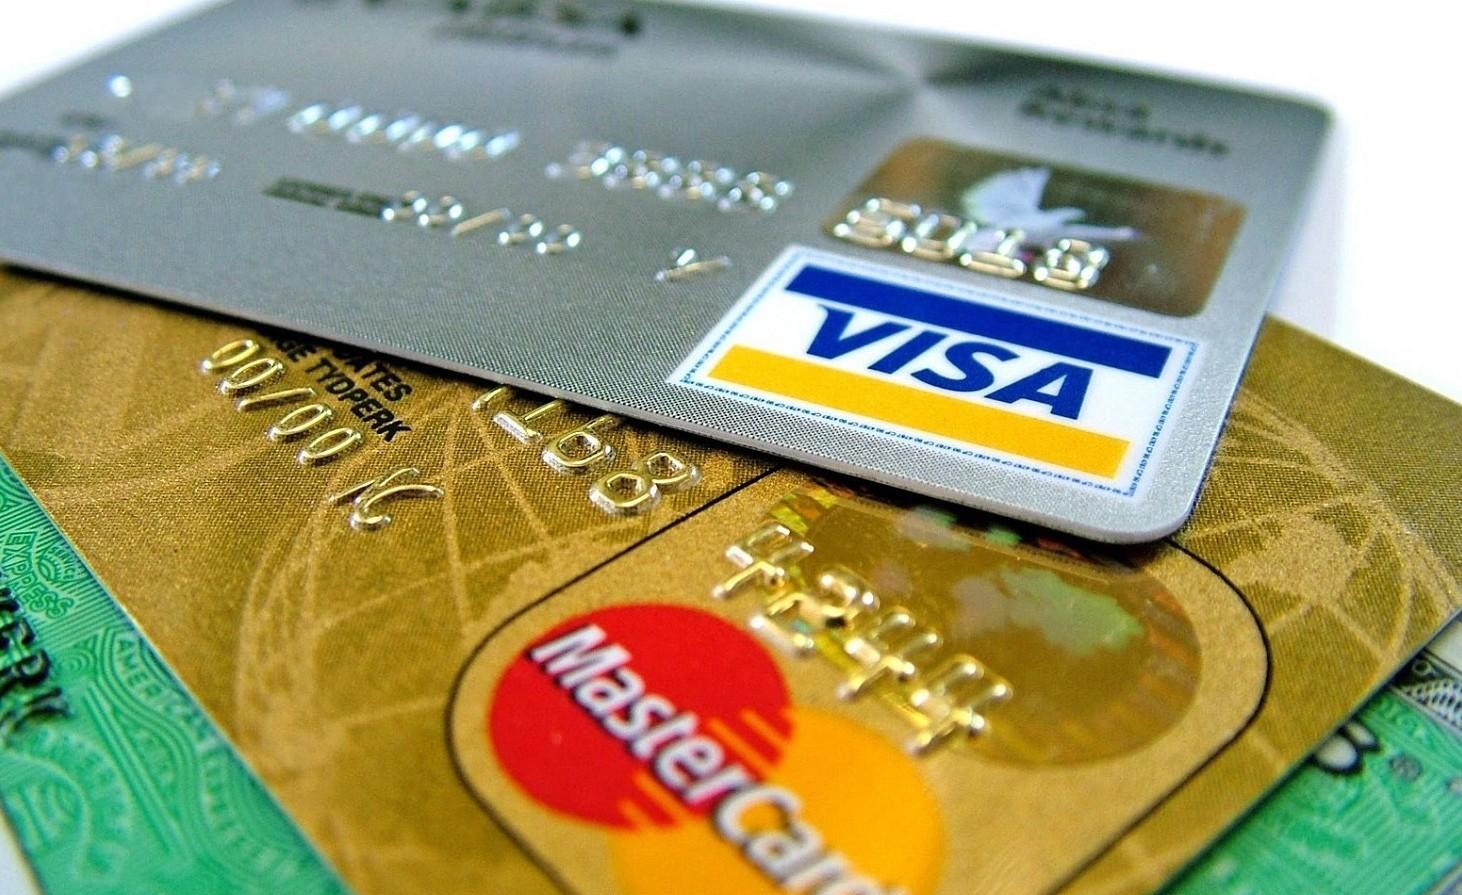 Clonazione carta di credito: denuncia e rimborso